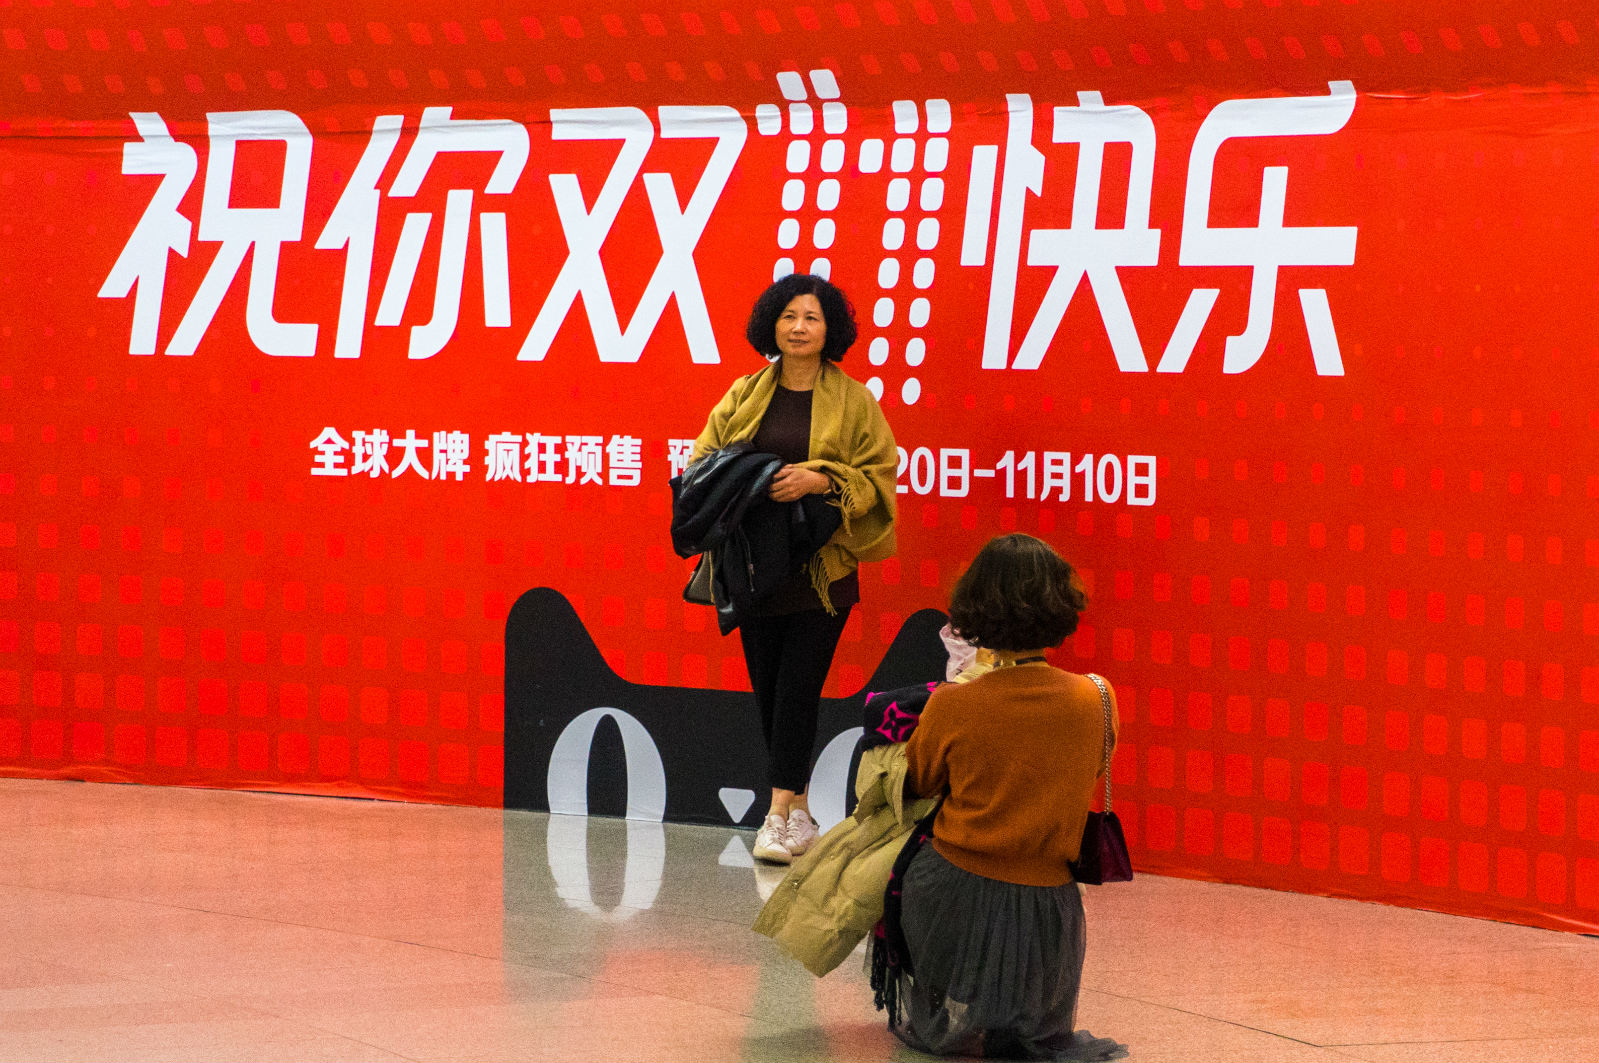 天猫双11全球狂欢节现身北京多个地铁站,路人求合影_meitu_1